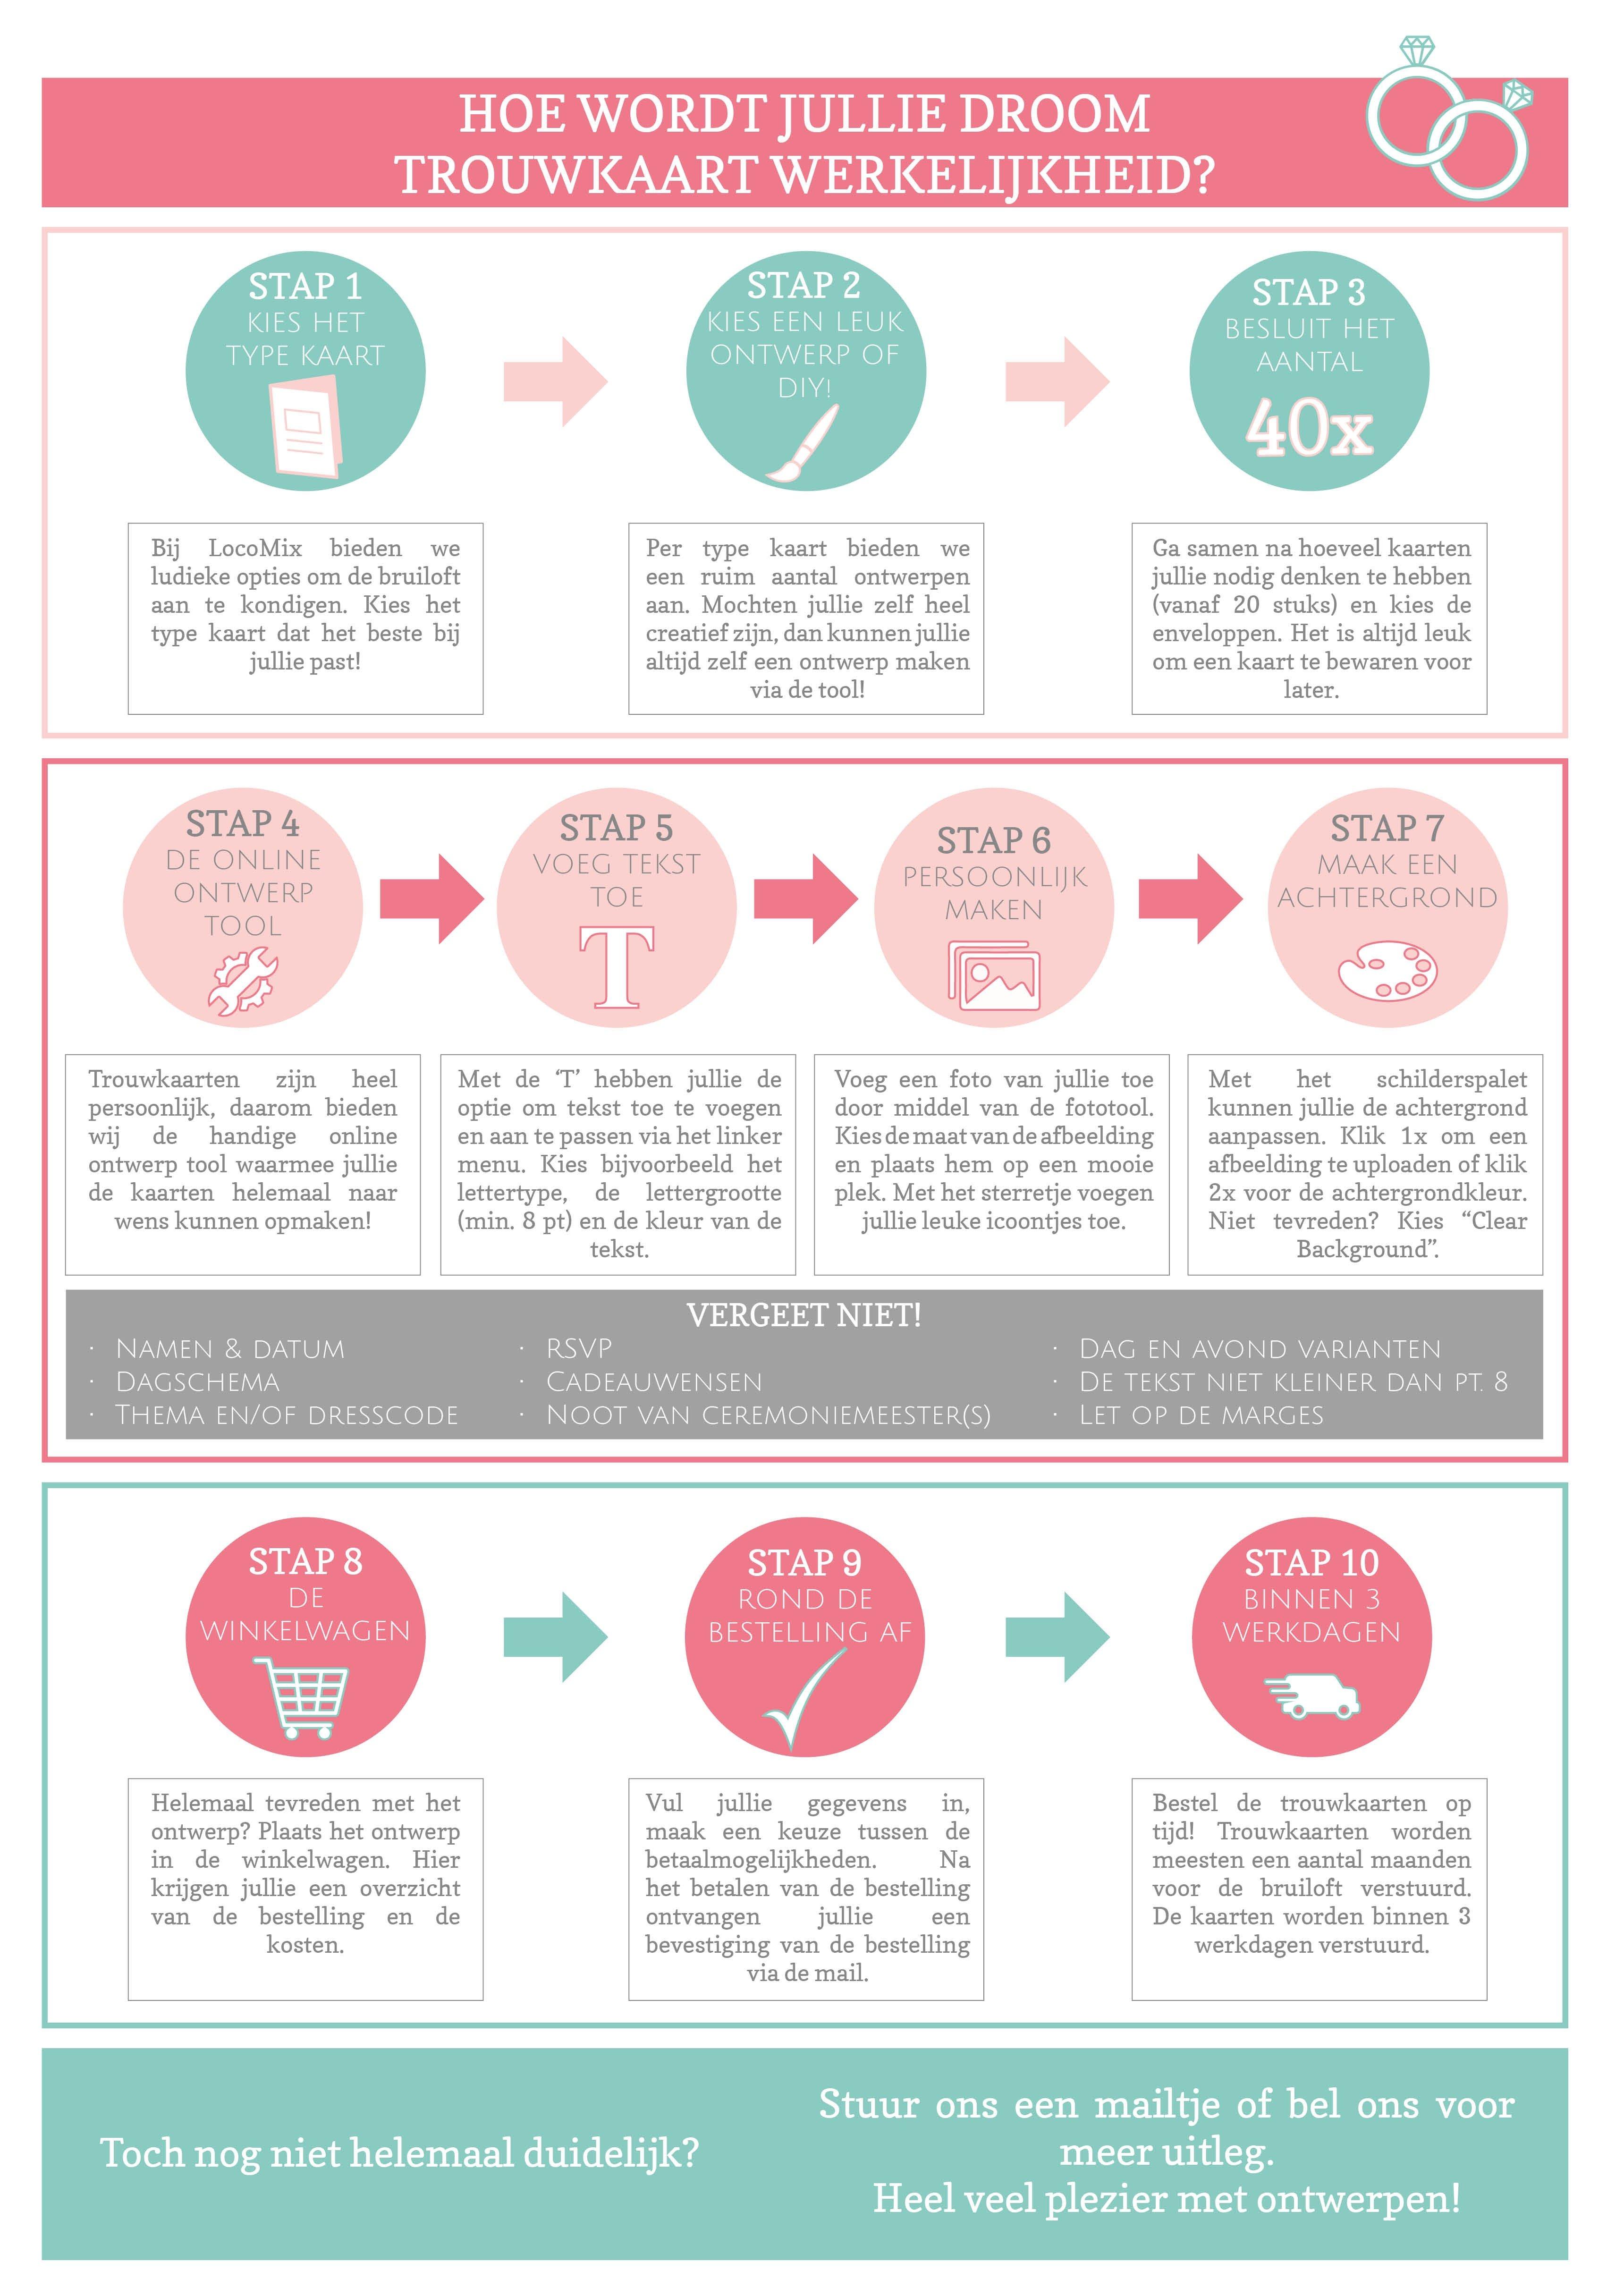 infographic-uitleg-trouwkaart